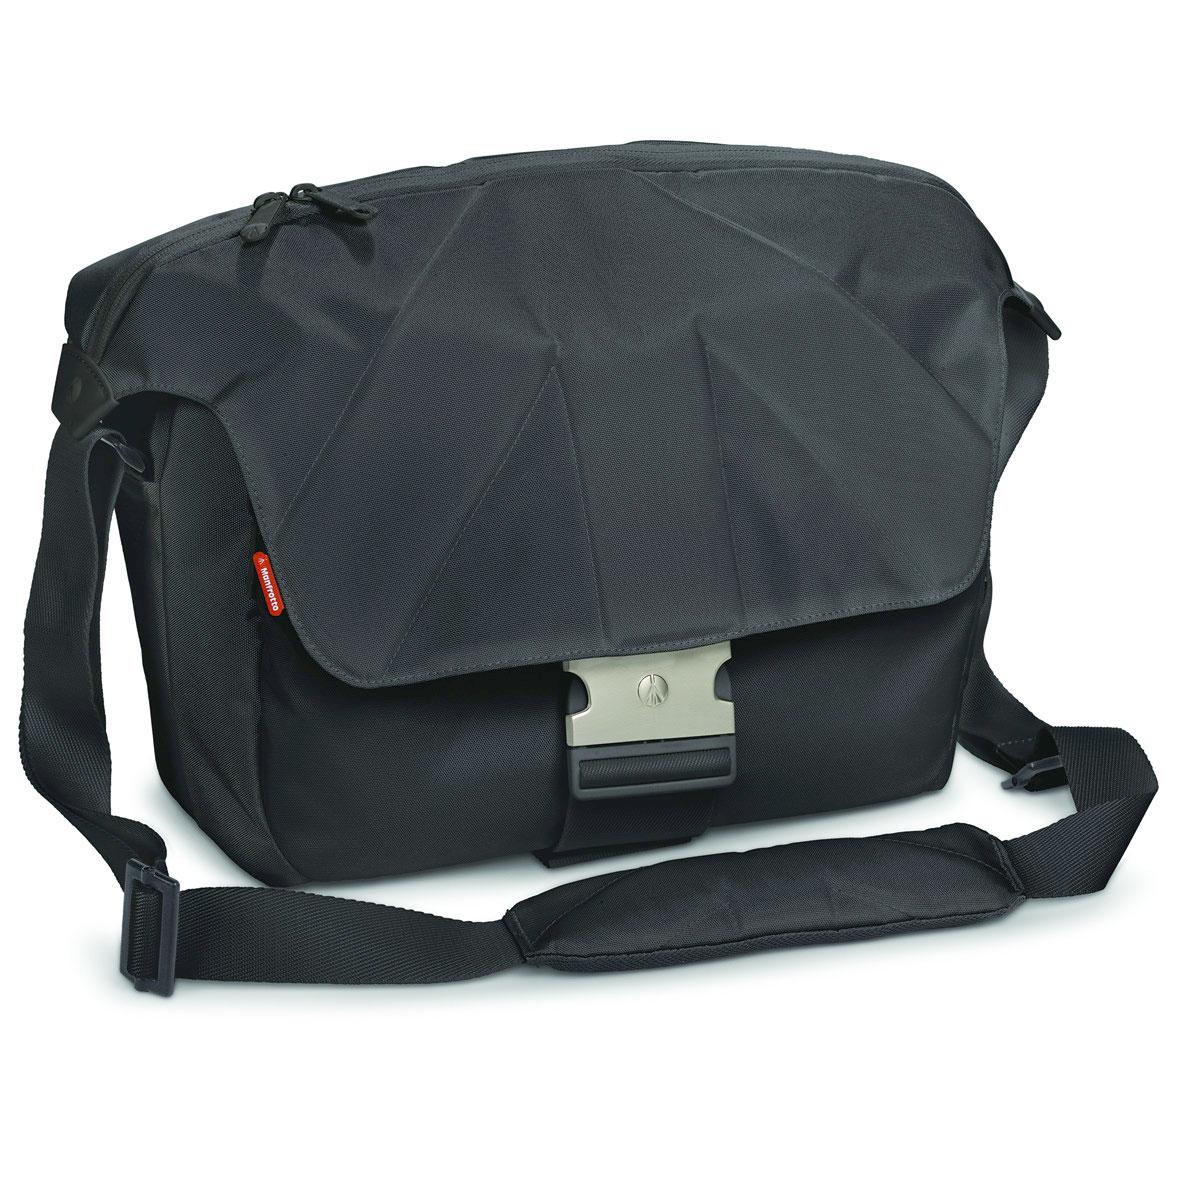 Manfrotto Camera Shoulder Bag Black 18